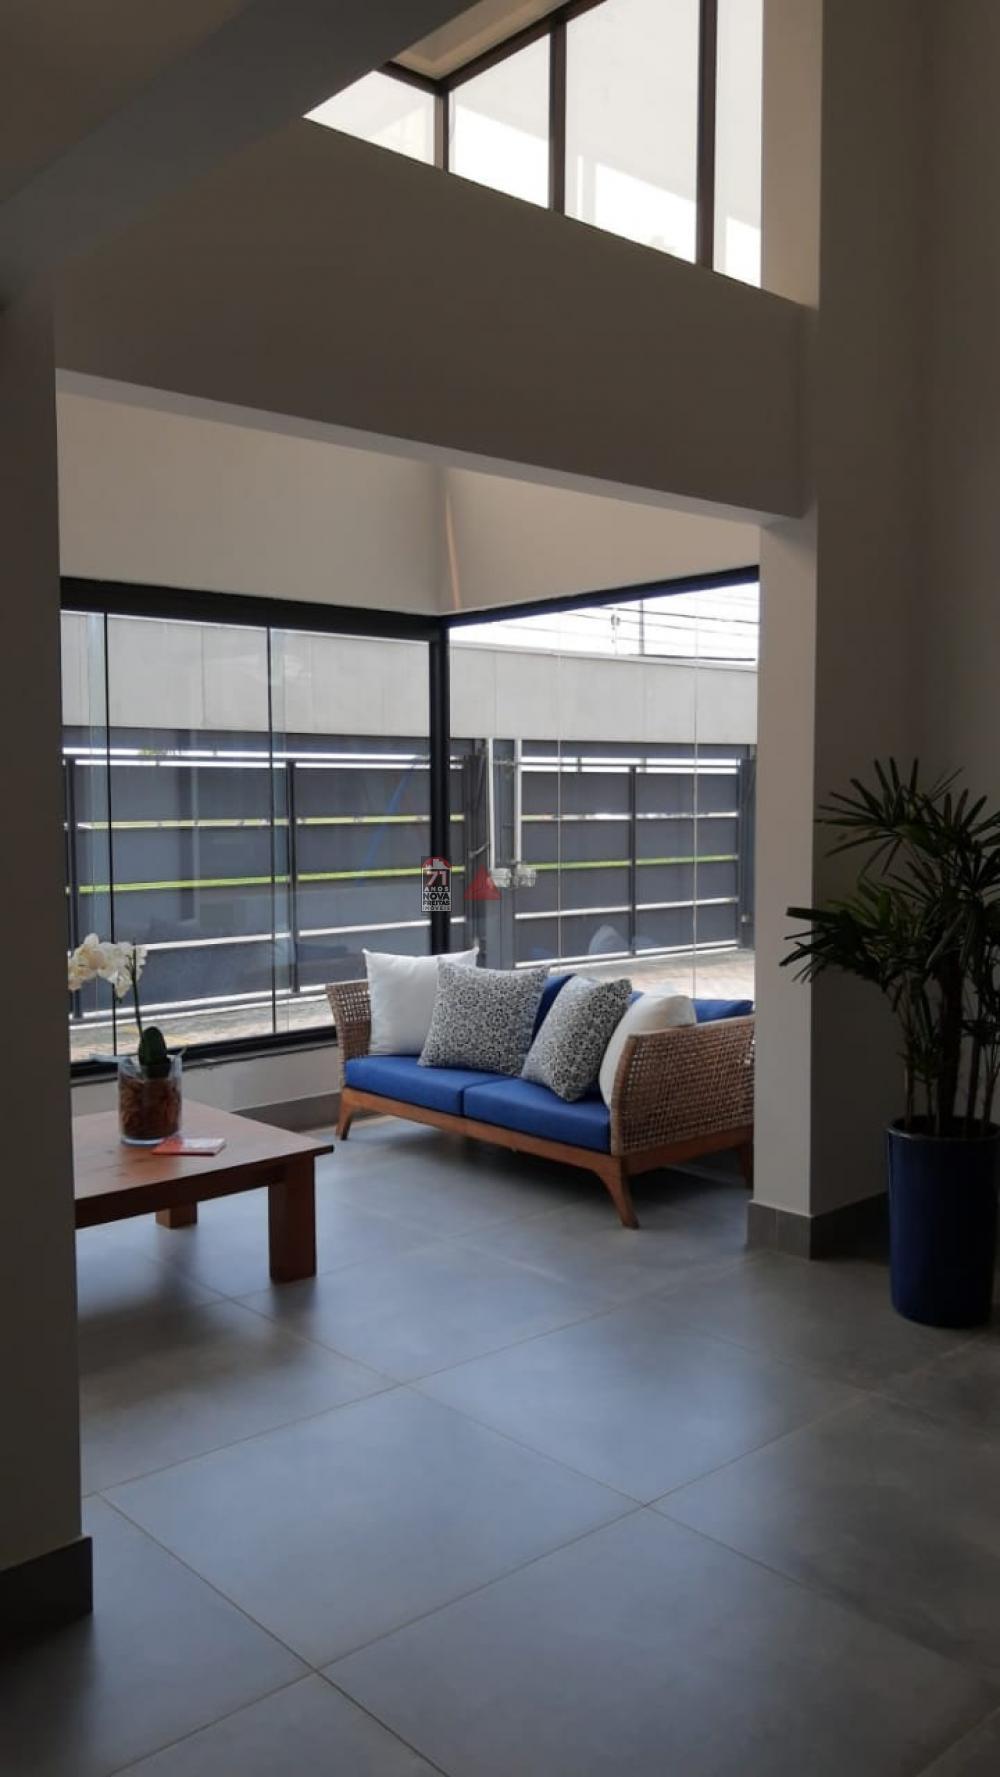 Comprar Apartamento / Padrão em Caraguatatuba apenas R$ 950.000,00 - Foto 23